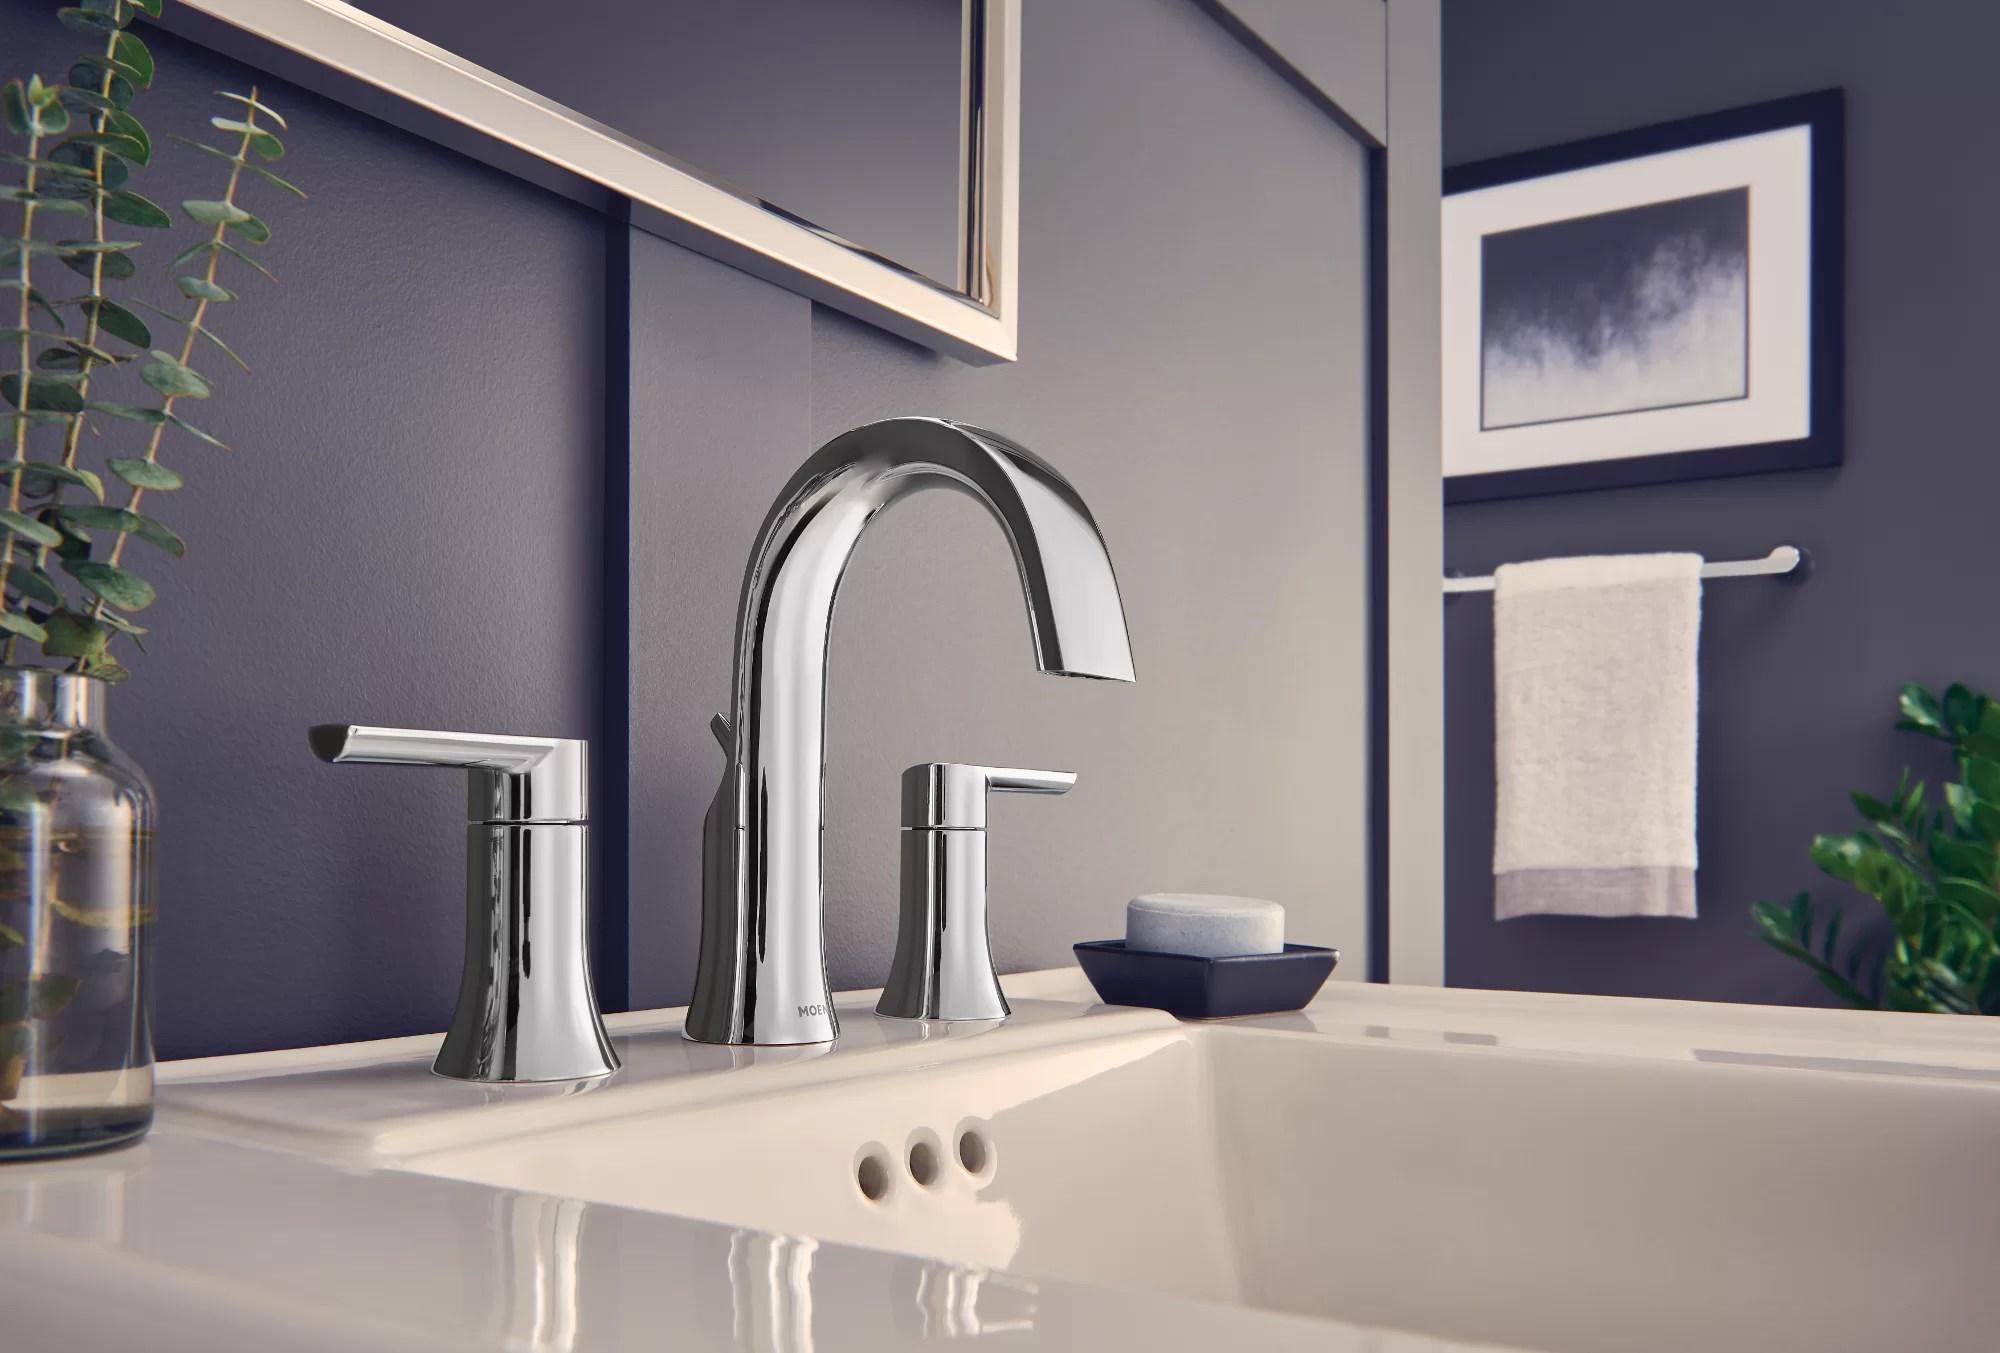 moen doux widespread bathroom faucet